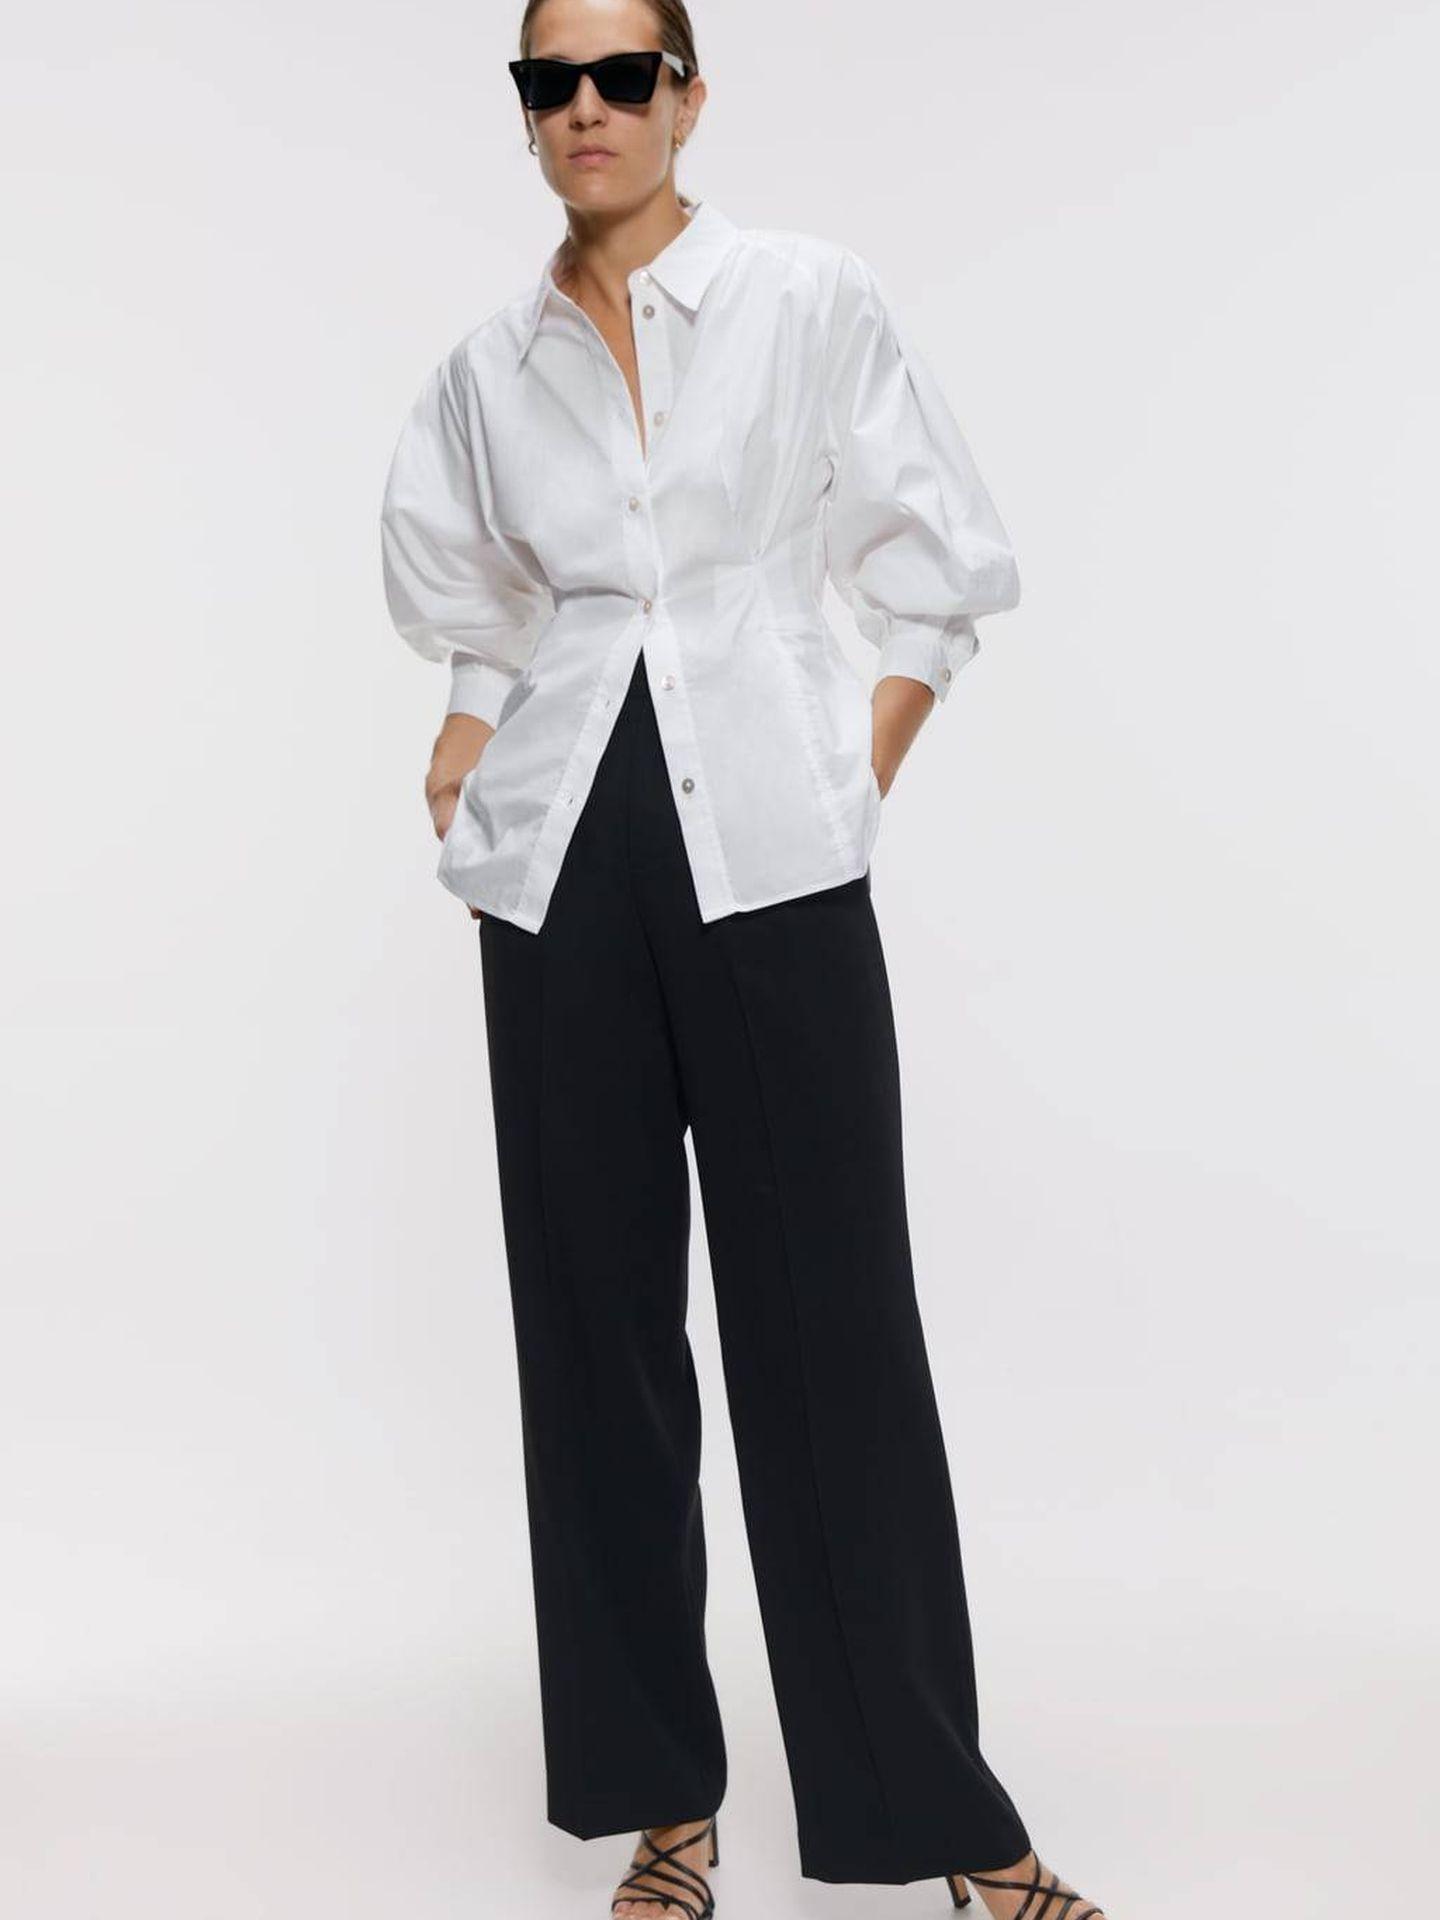 Un total look, camisa blanca (19,95 €) y pantalón negro (39,95 €) de Zara. (Cortesía)